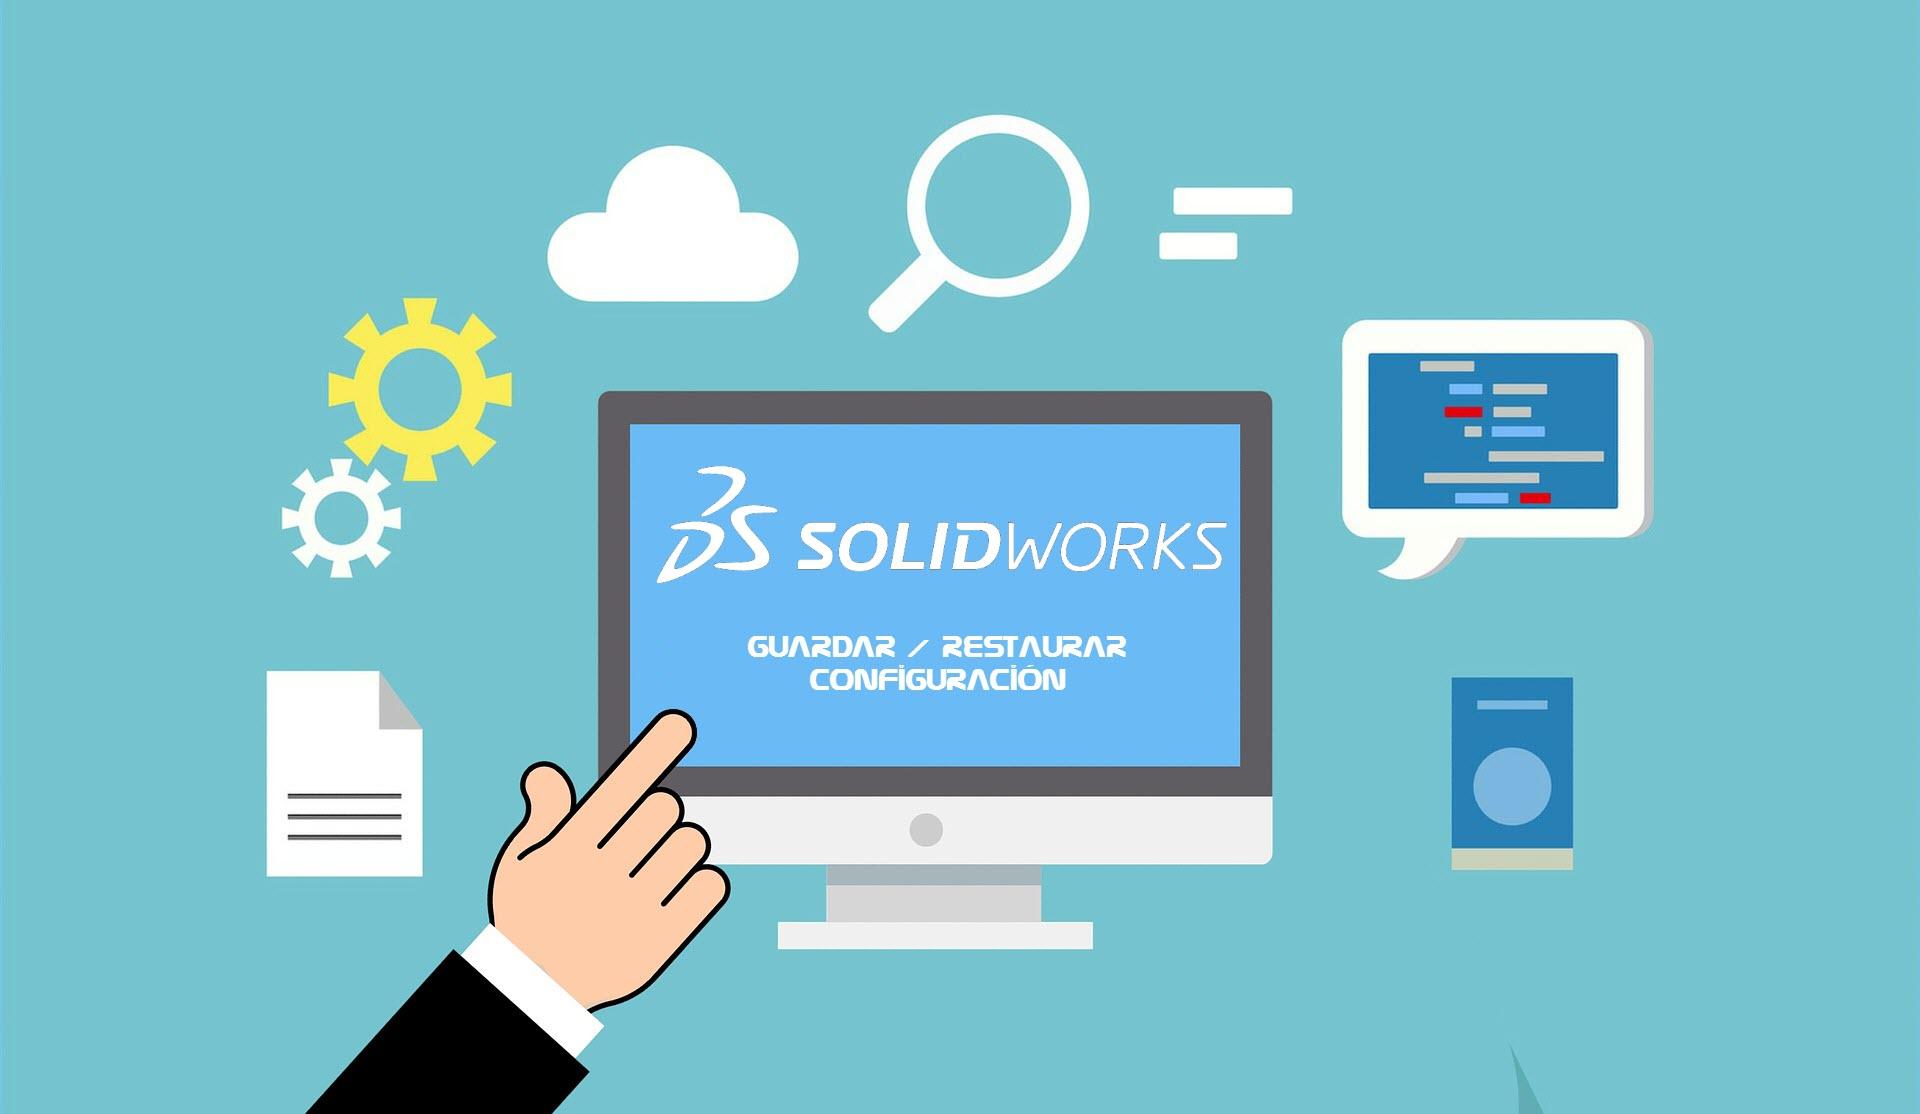 Guardar / Restaurar configuración SolidWorks